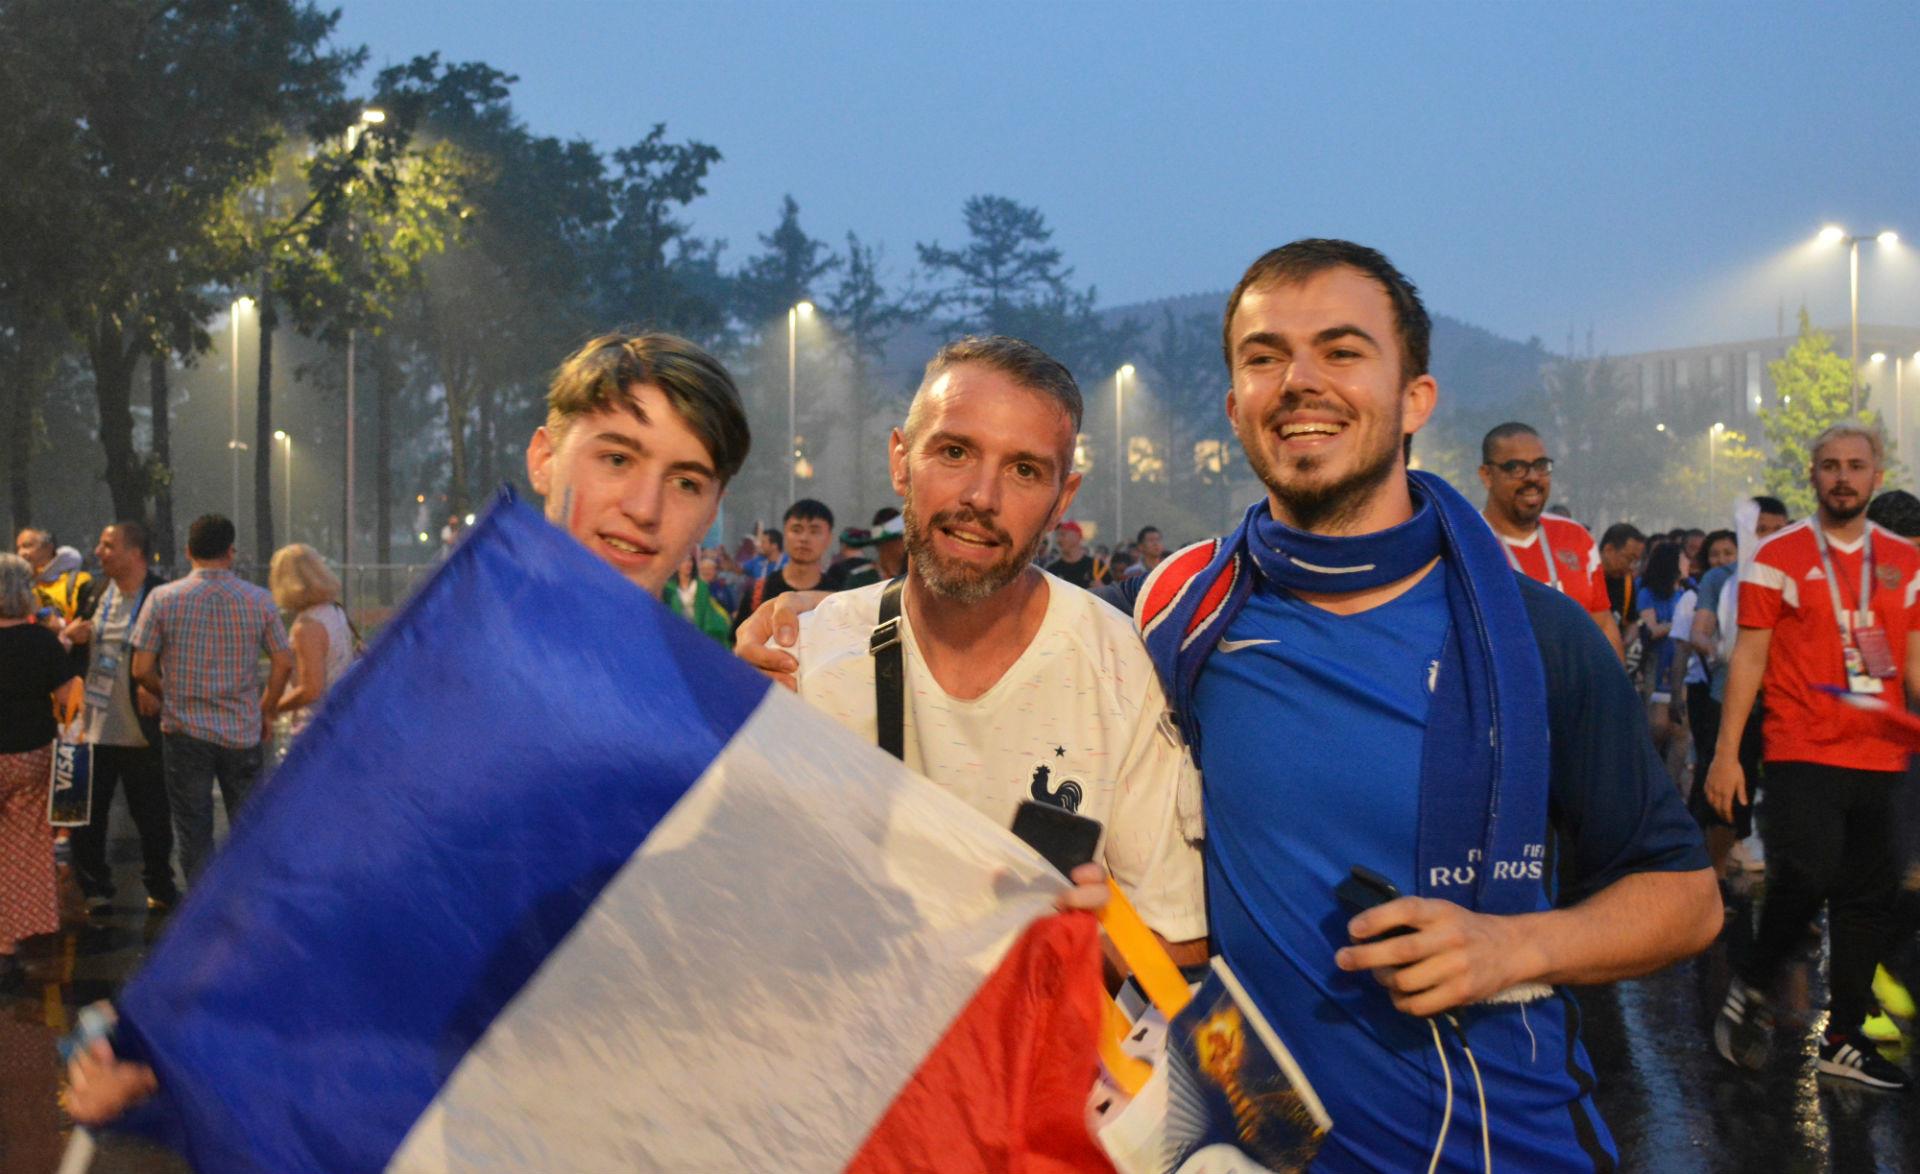 Trois Français, dont Luca, à gauche, présenté par ses amis comme le «plus beau supporter des Bleus»